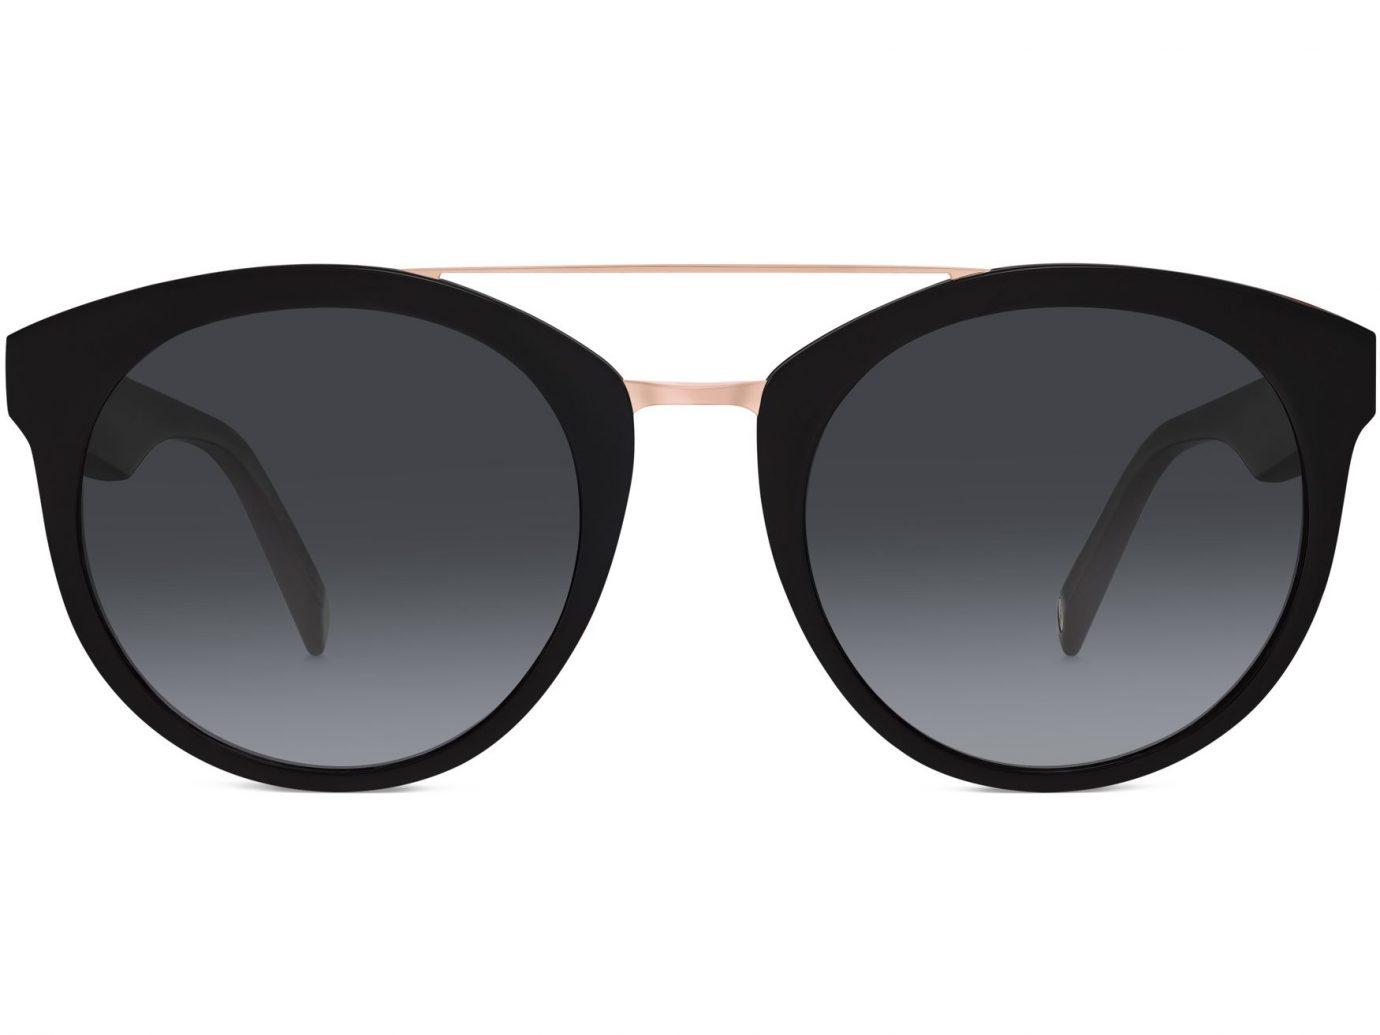 Winnie Warby Parker